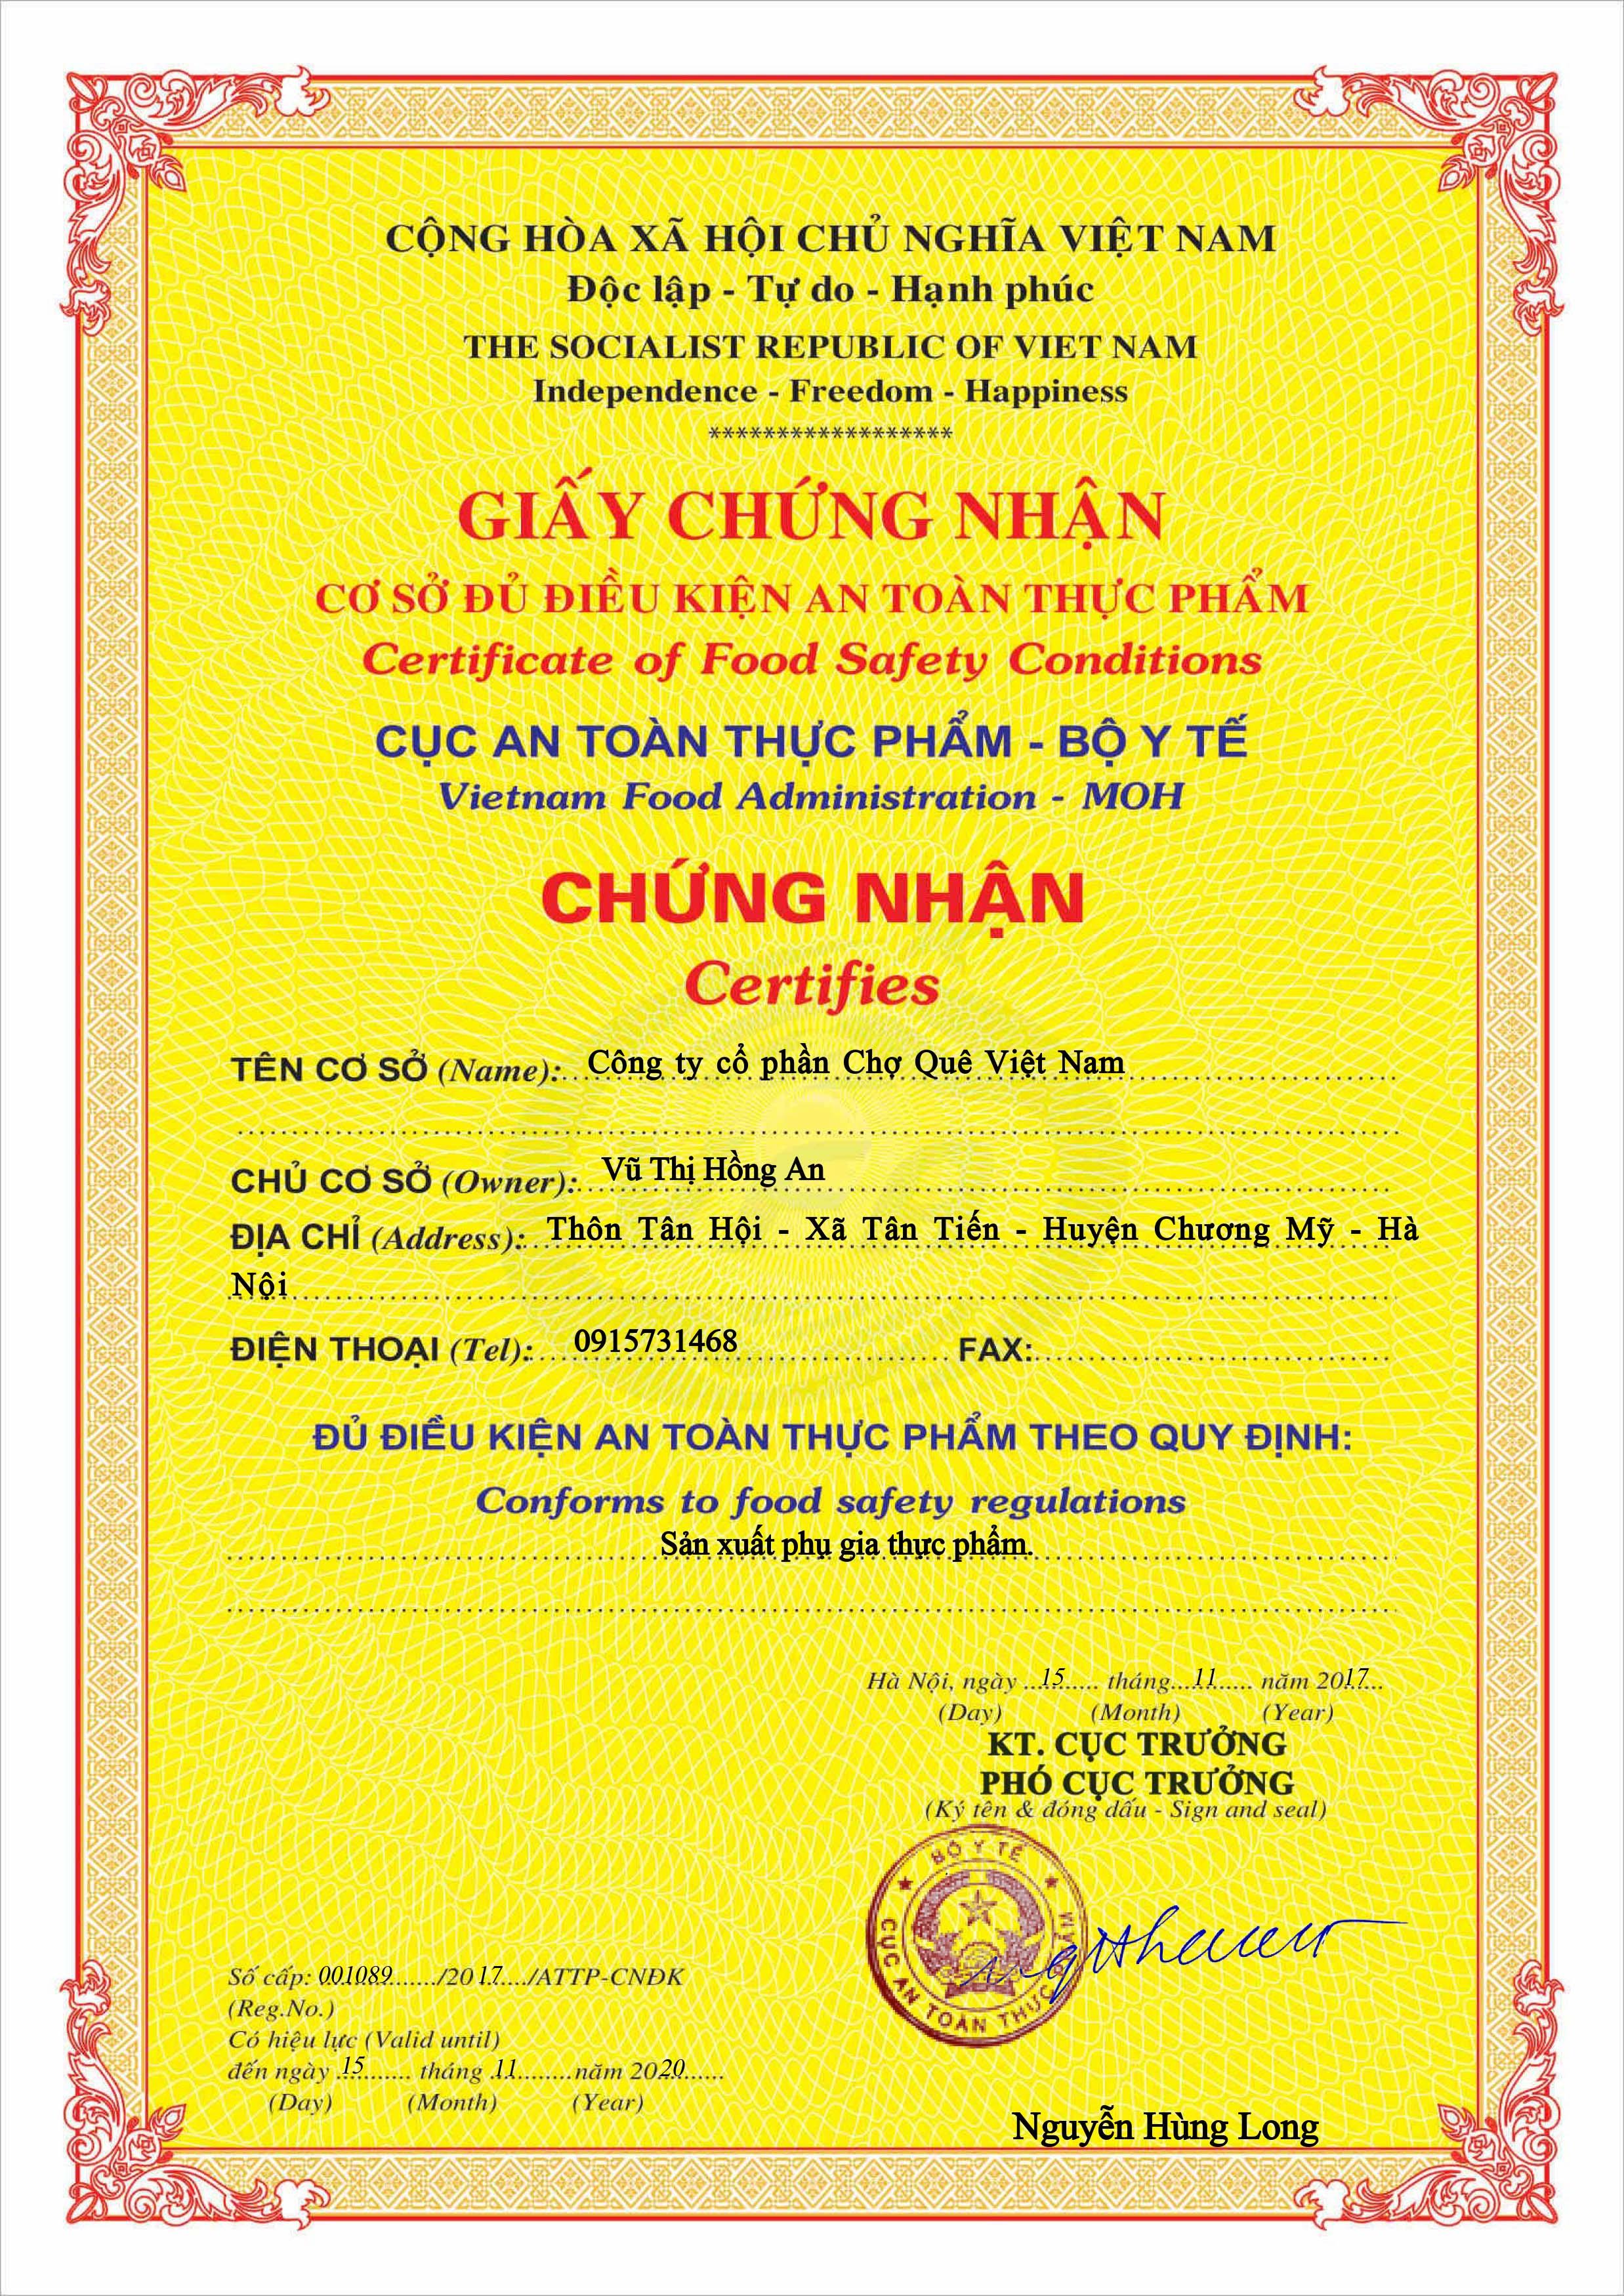 Giay-chung-nhan